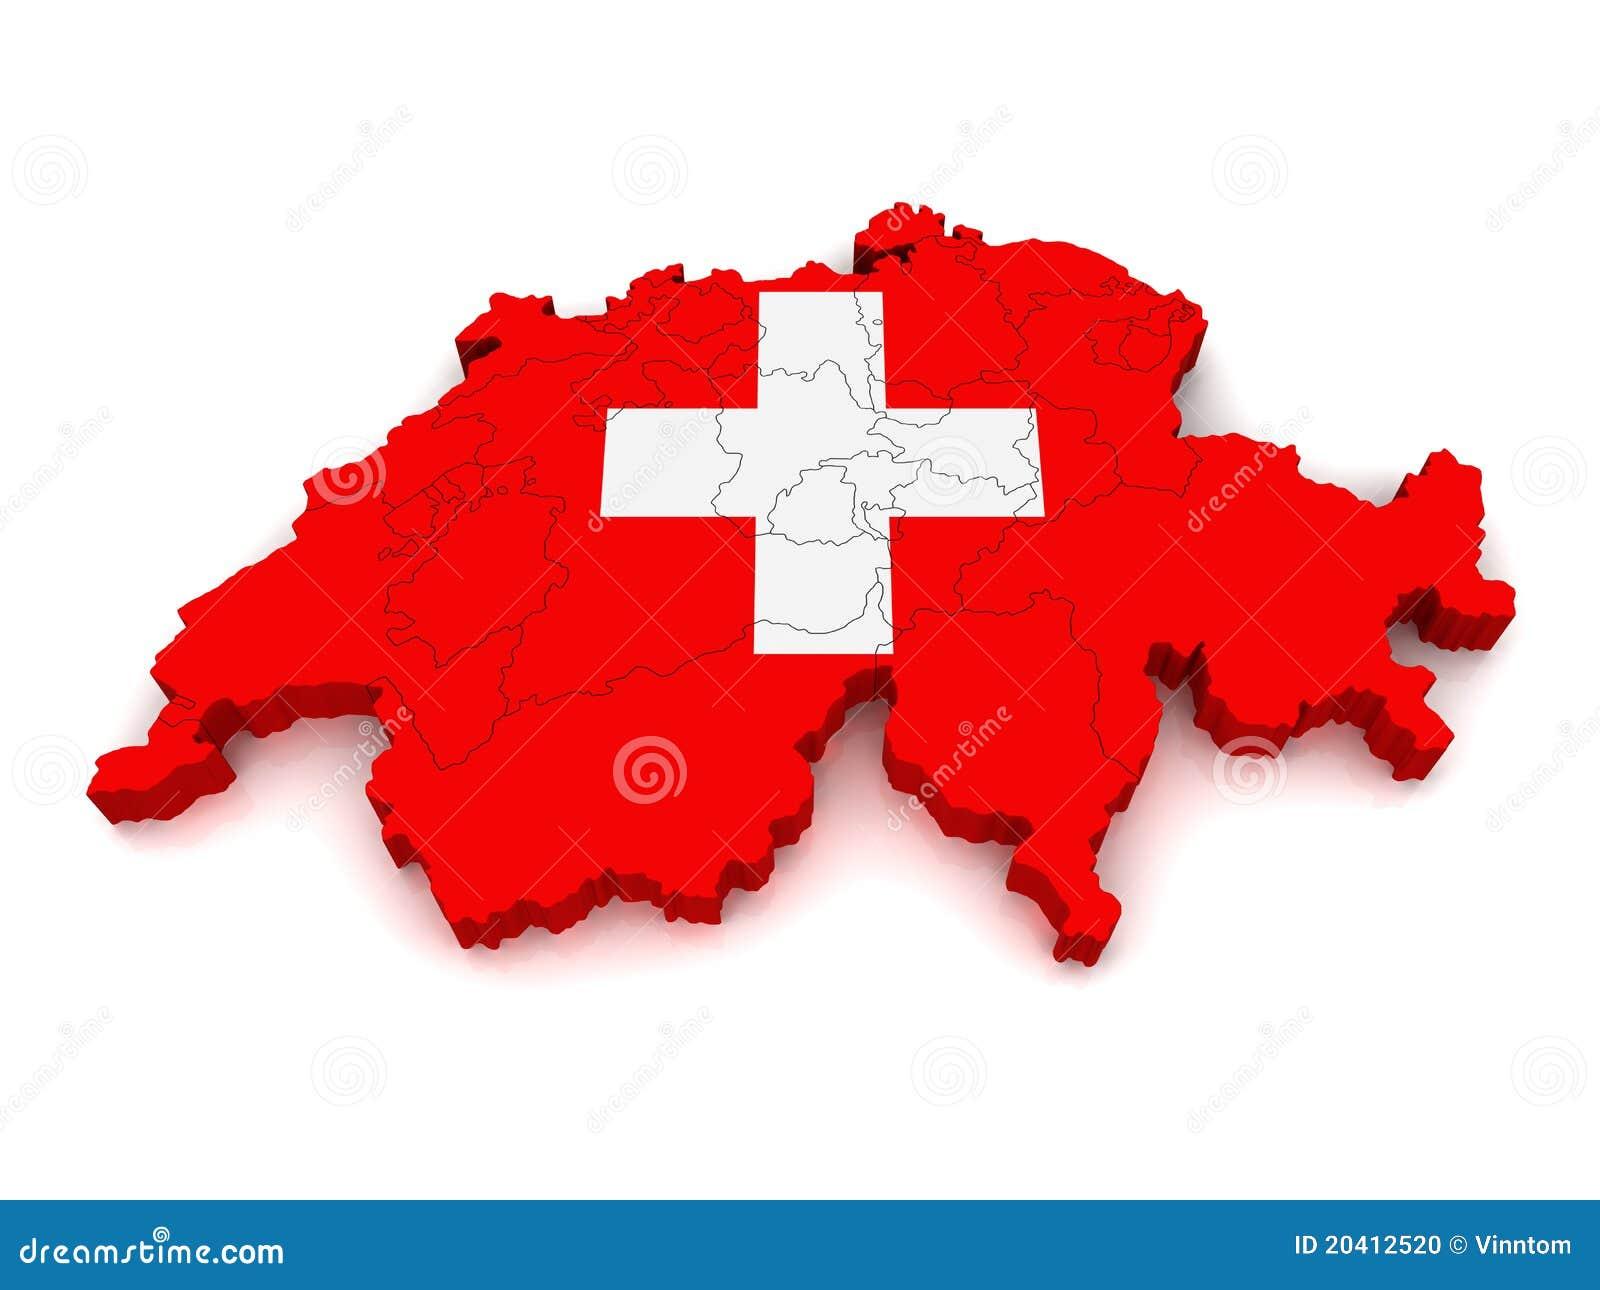 Programma 3d della svizzera illustrazione di stock for Programma 3d semplice